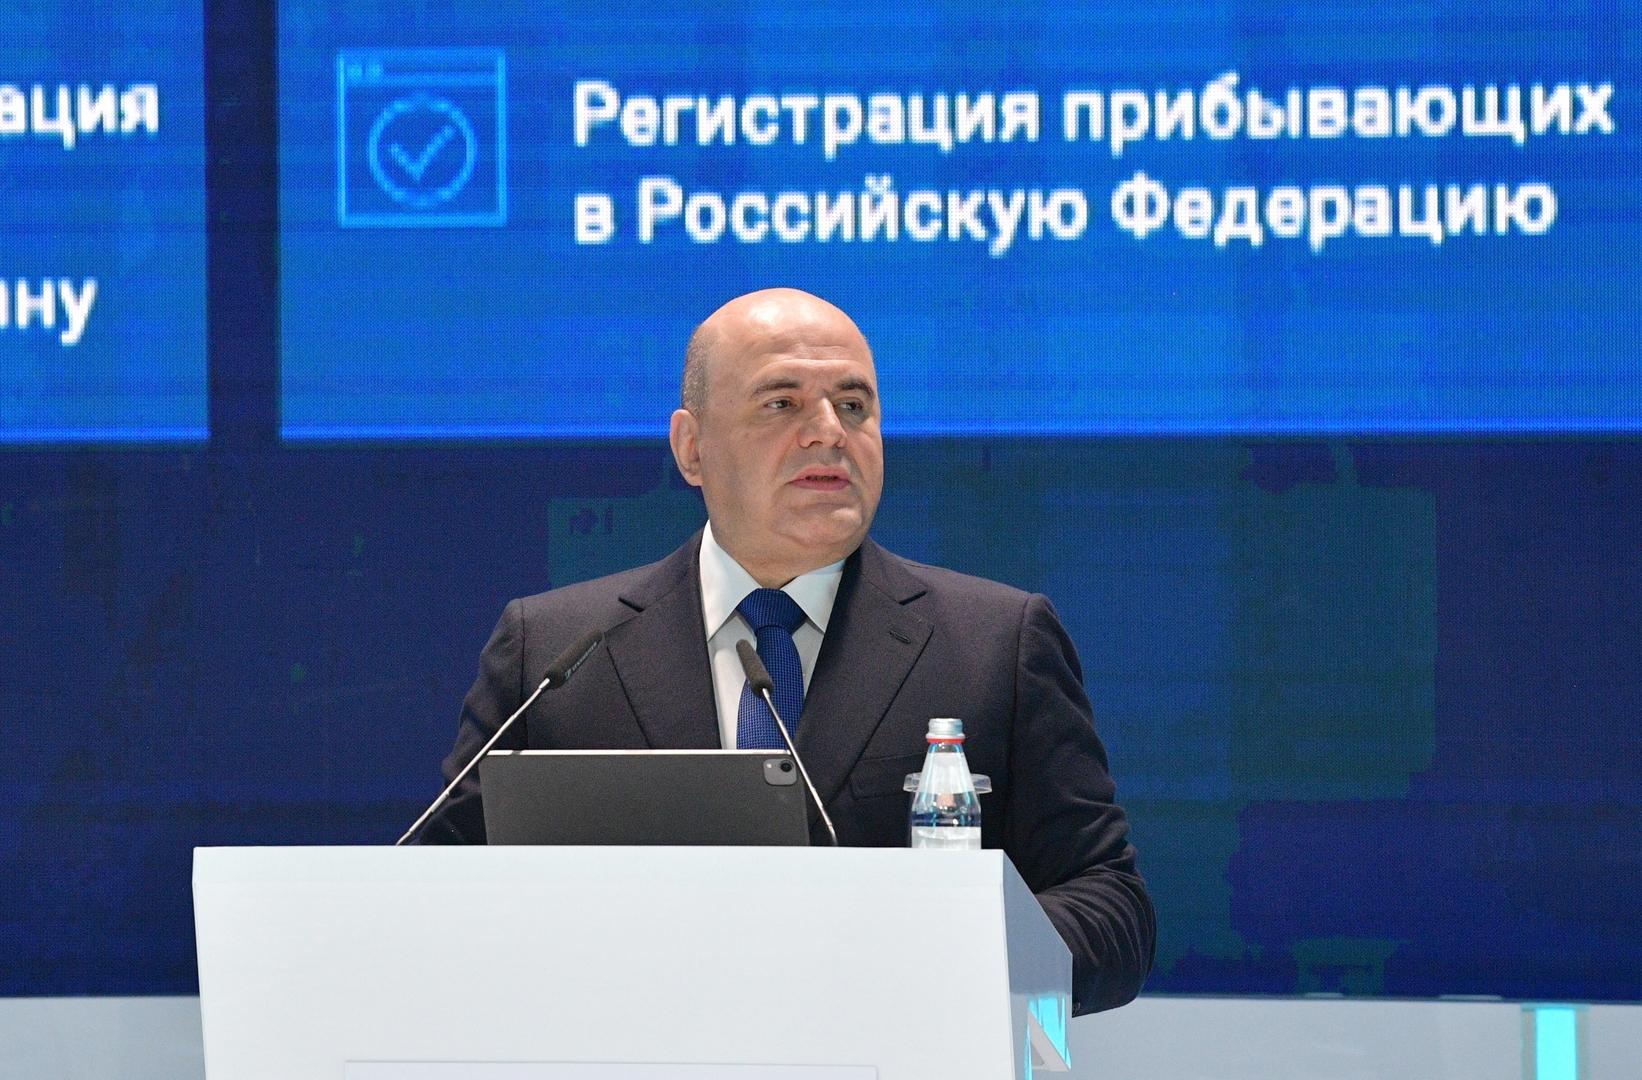 رئيس الحكومة الروسيةميخائيل ميشوستين